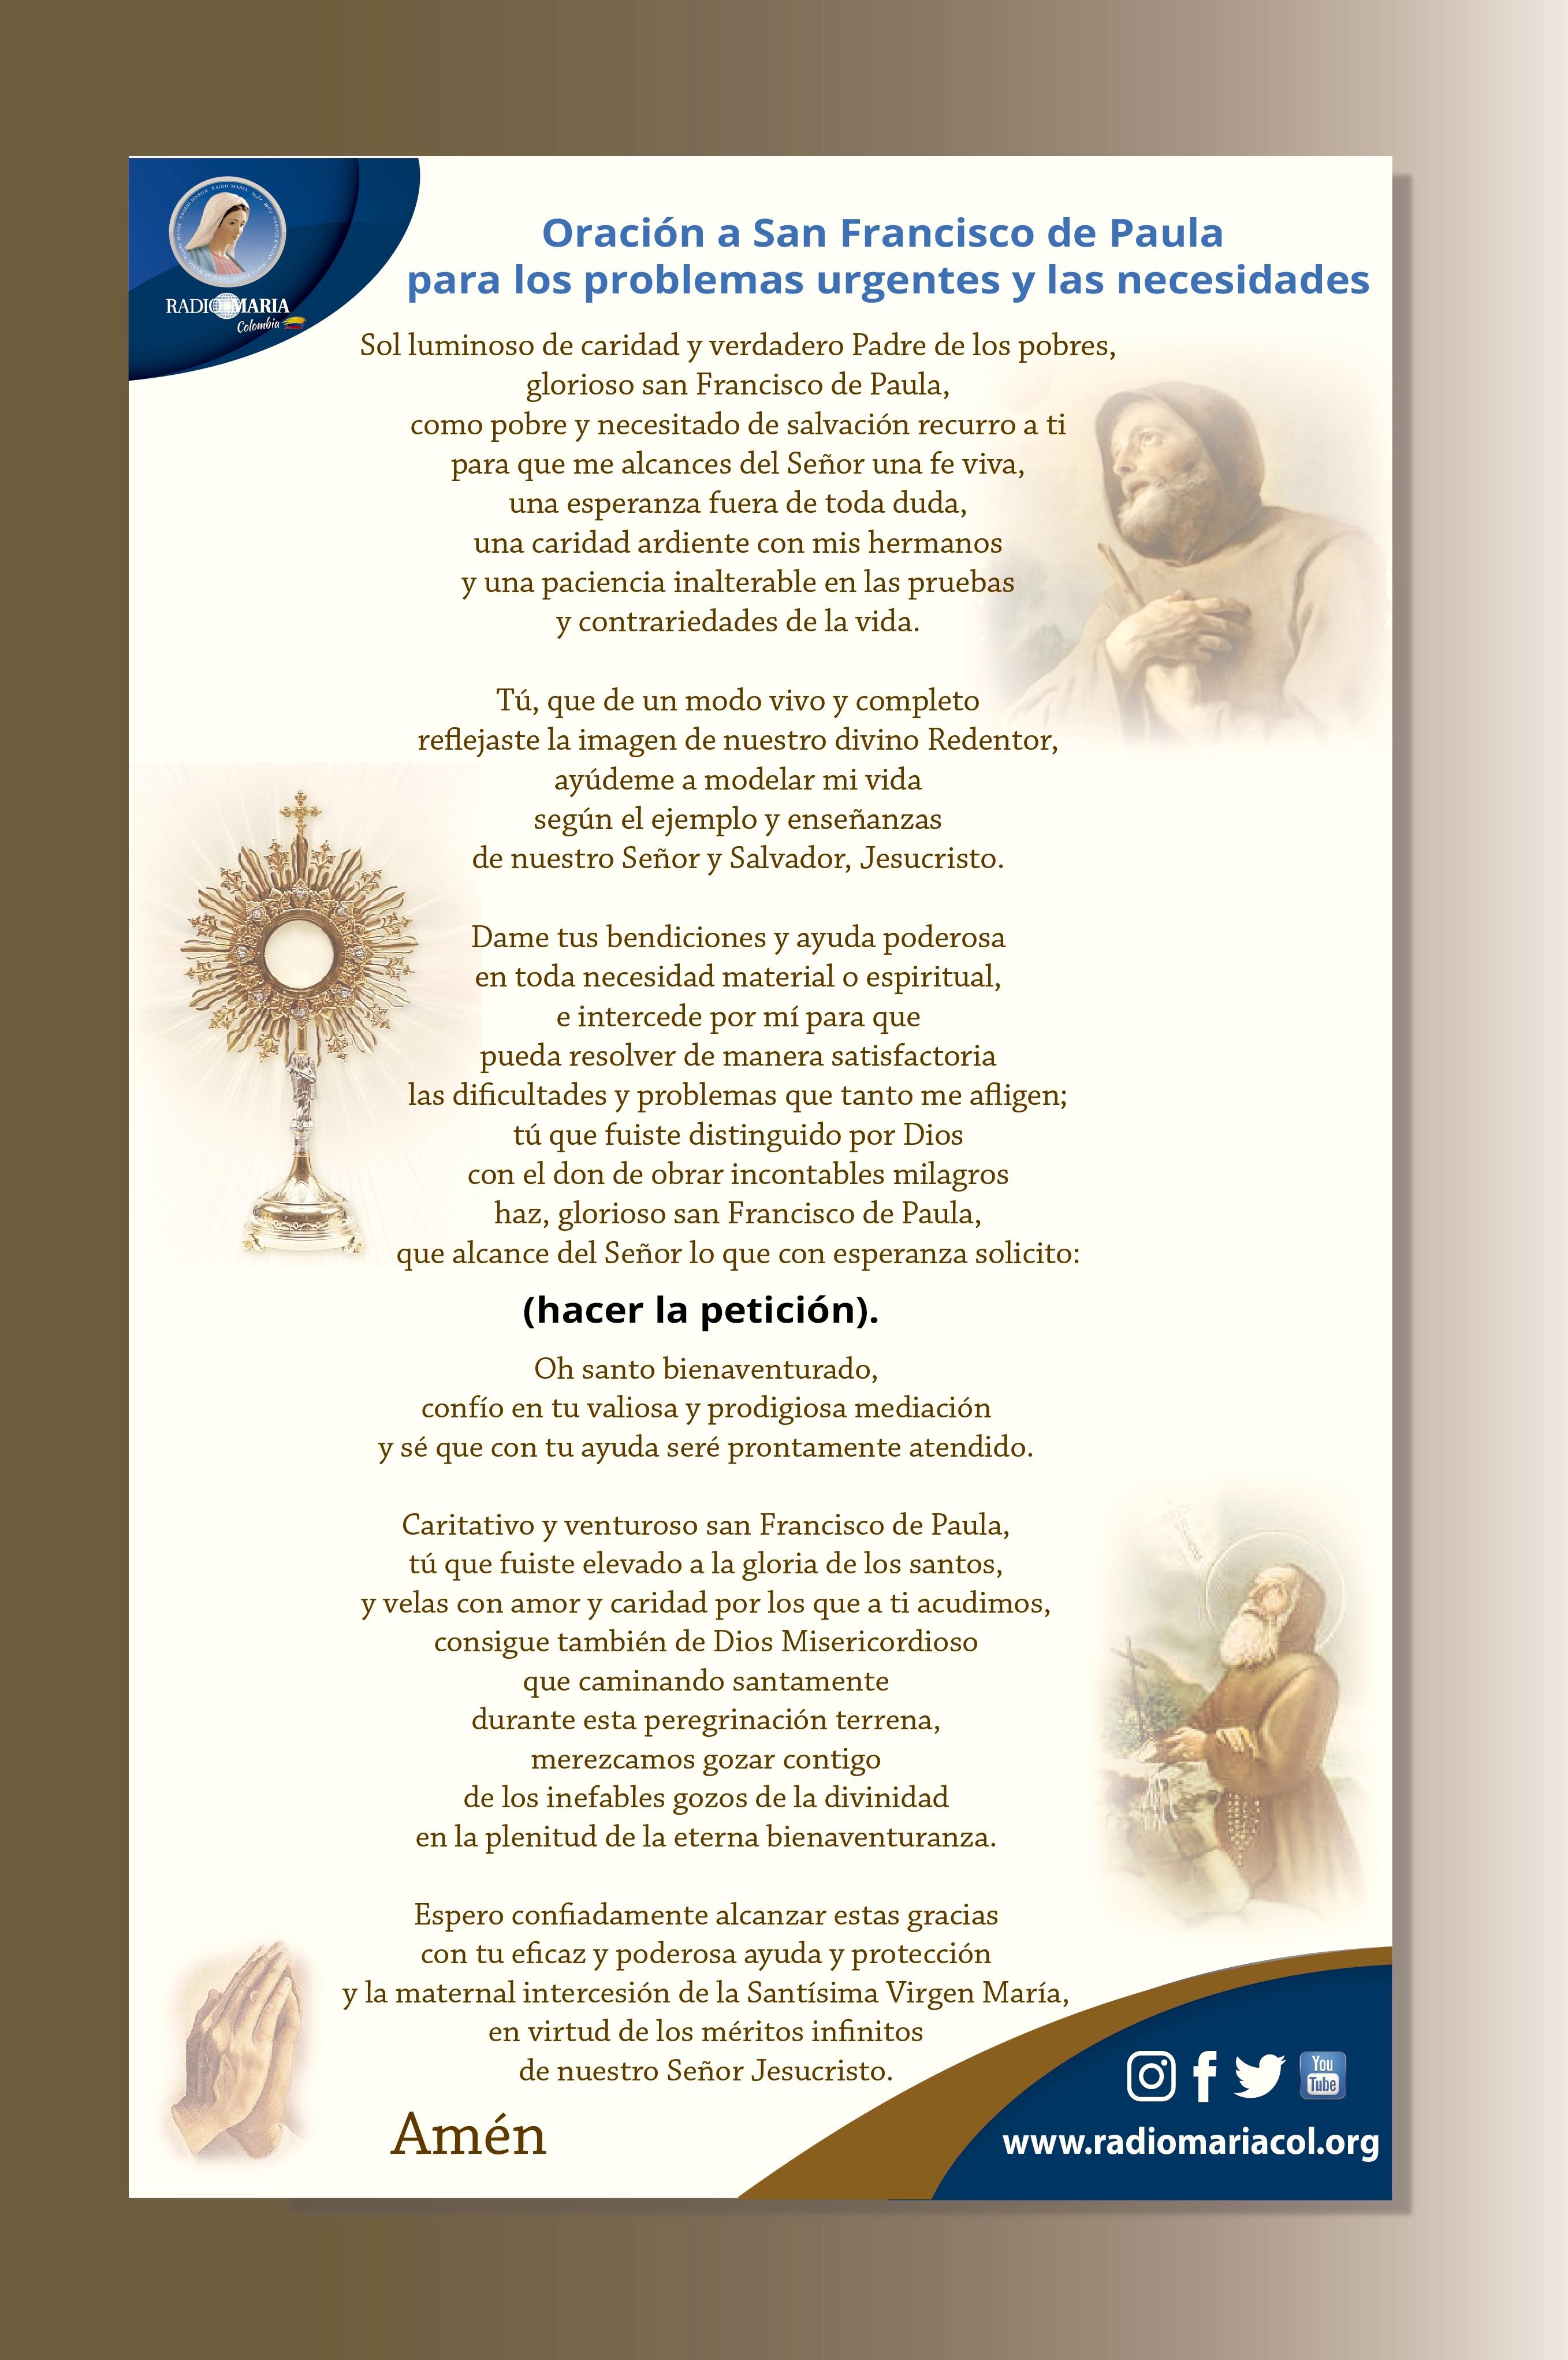 Oración francisco de Paula